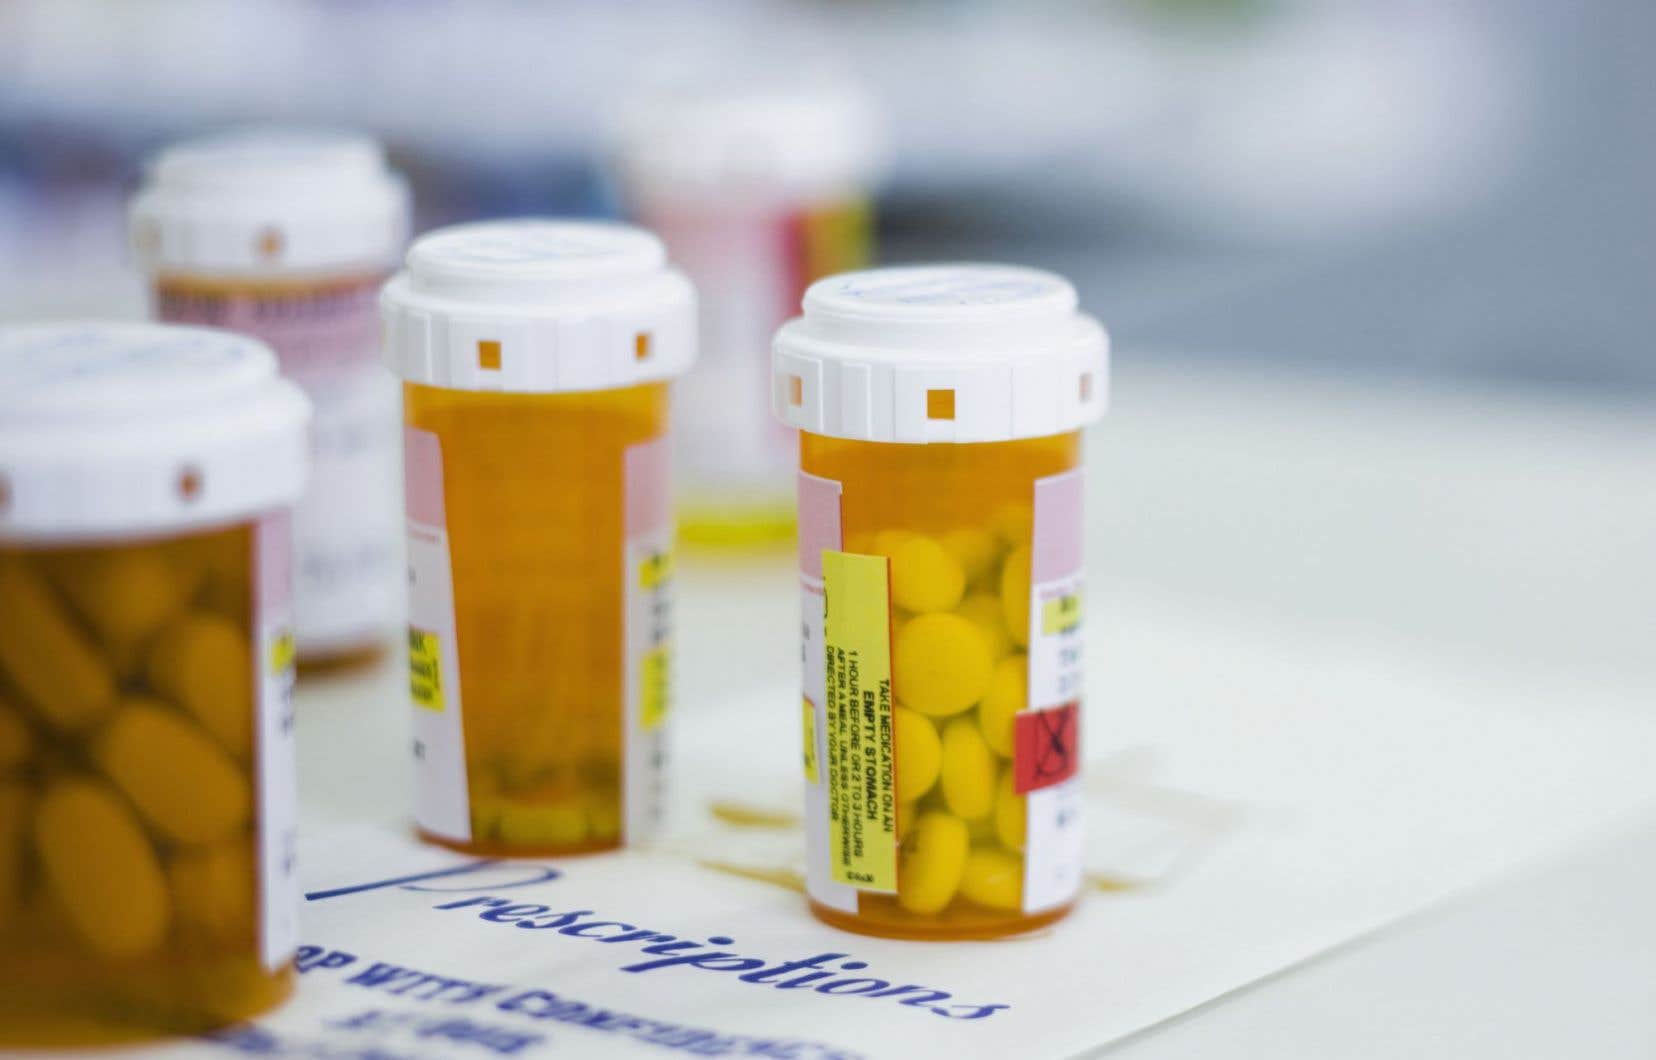 Il y a 20 ans, les adultes n'étaient à l'origine que d'une prescription sur dix au Québec.